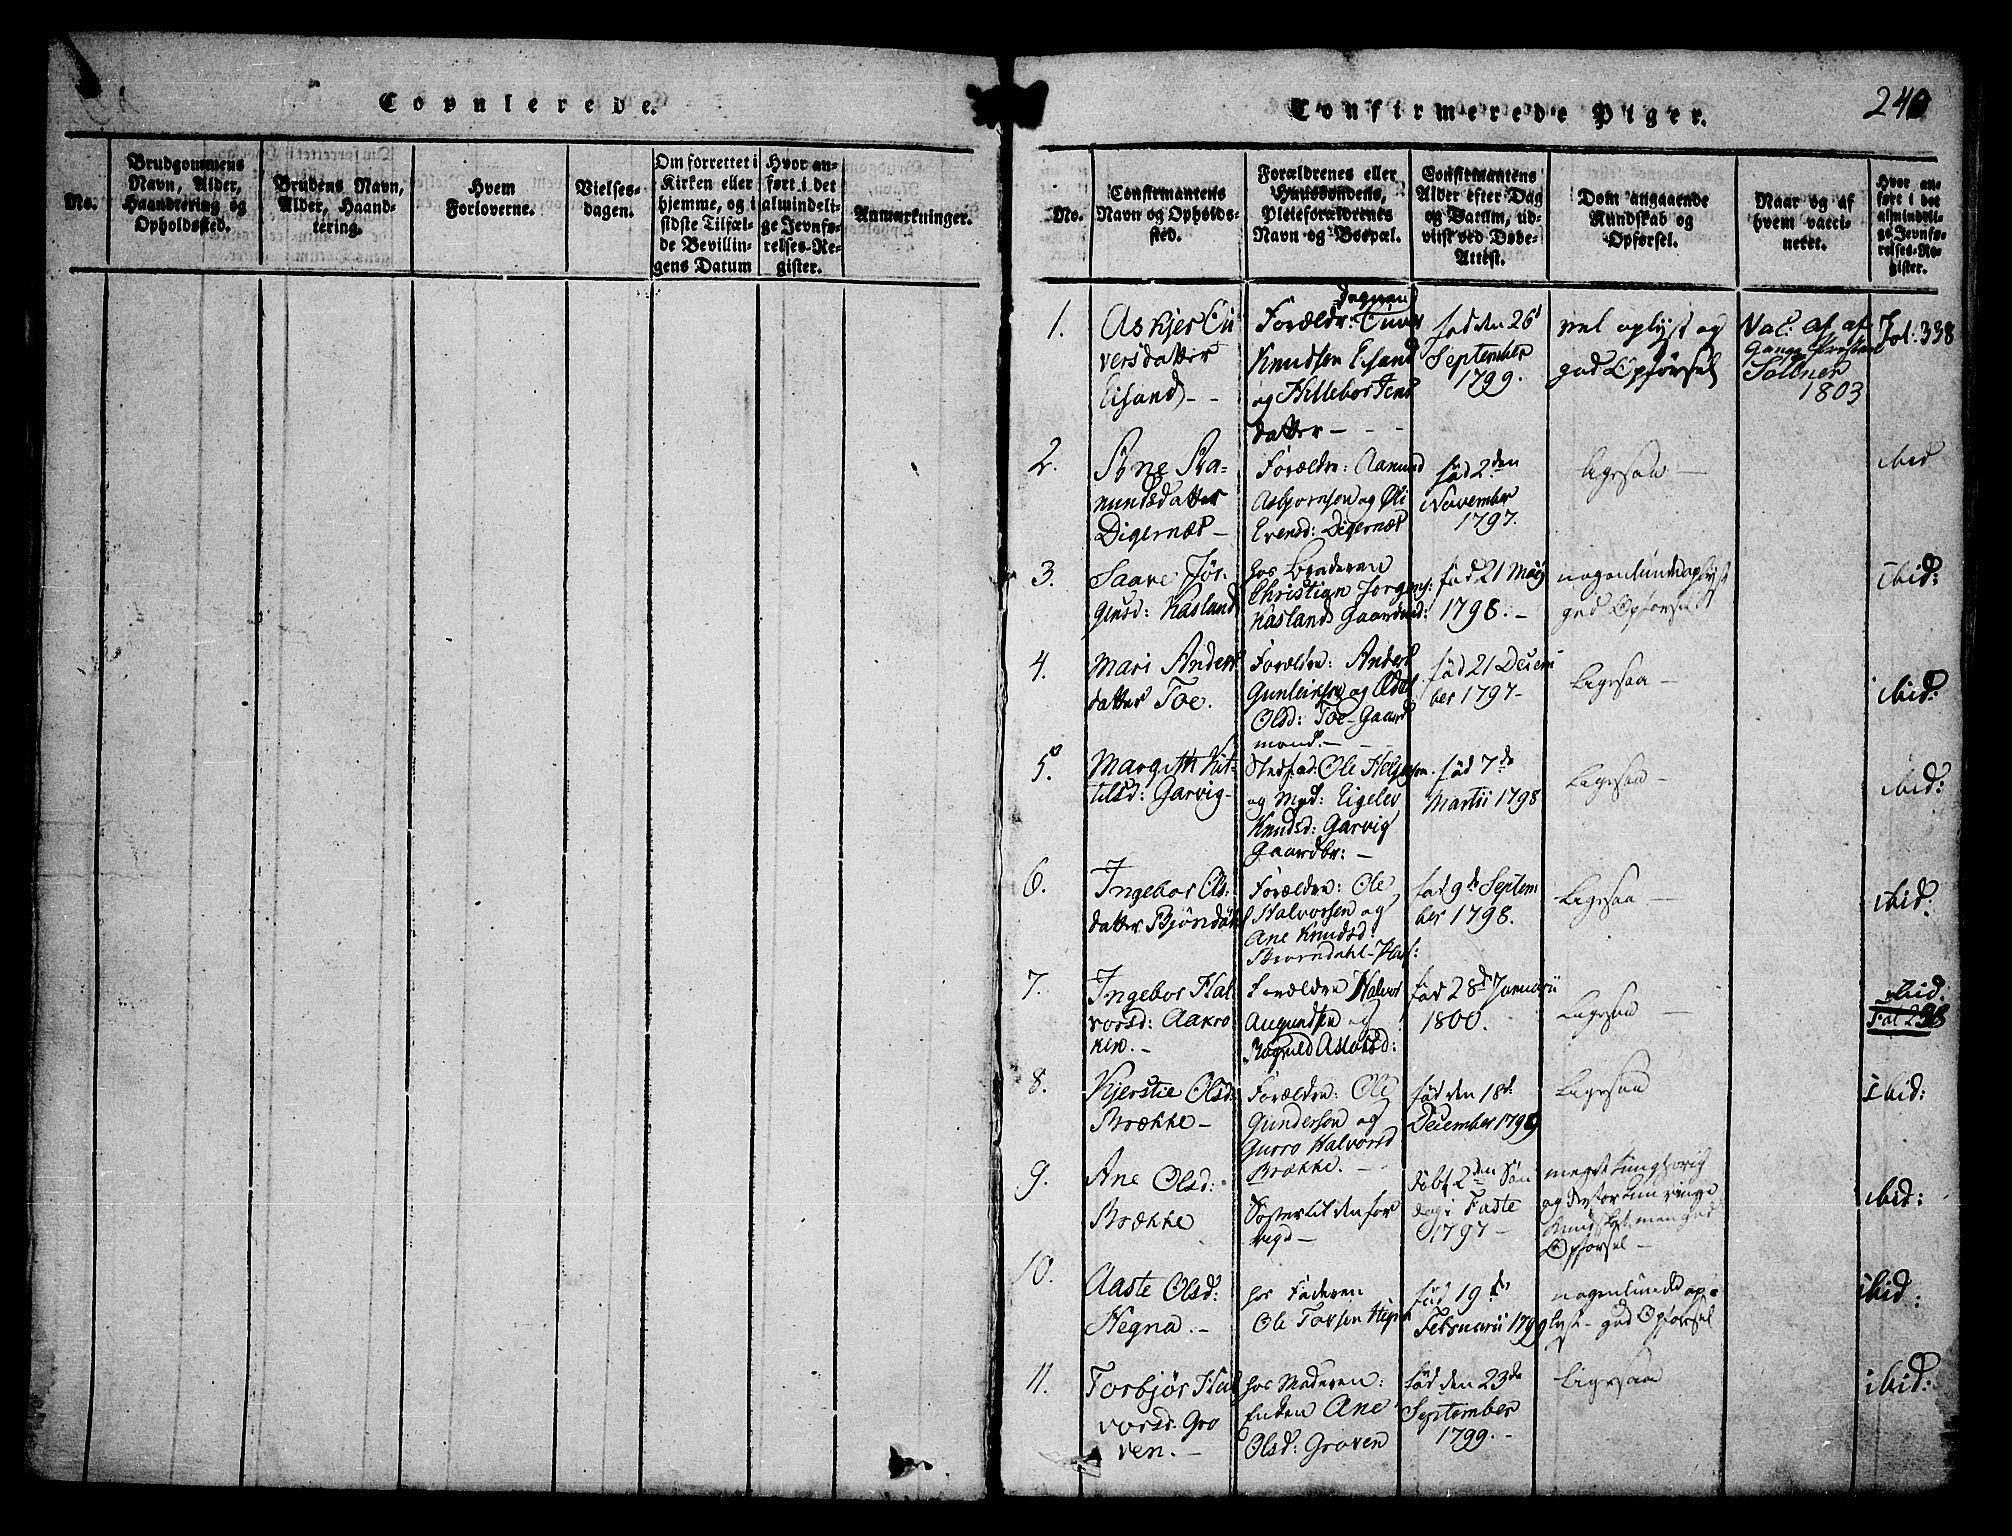 SAKO, Seljord kirkebøker, F/Fa/L0010: Ministerialbok nr. I 10, 1815-1831, s. 240